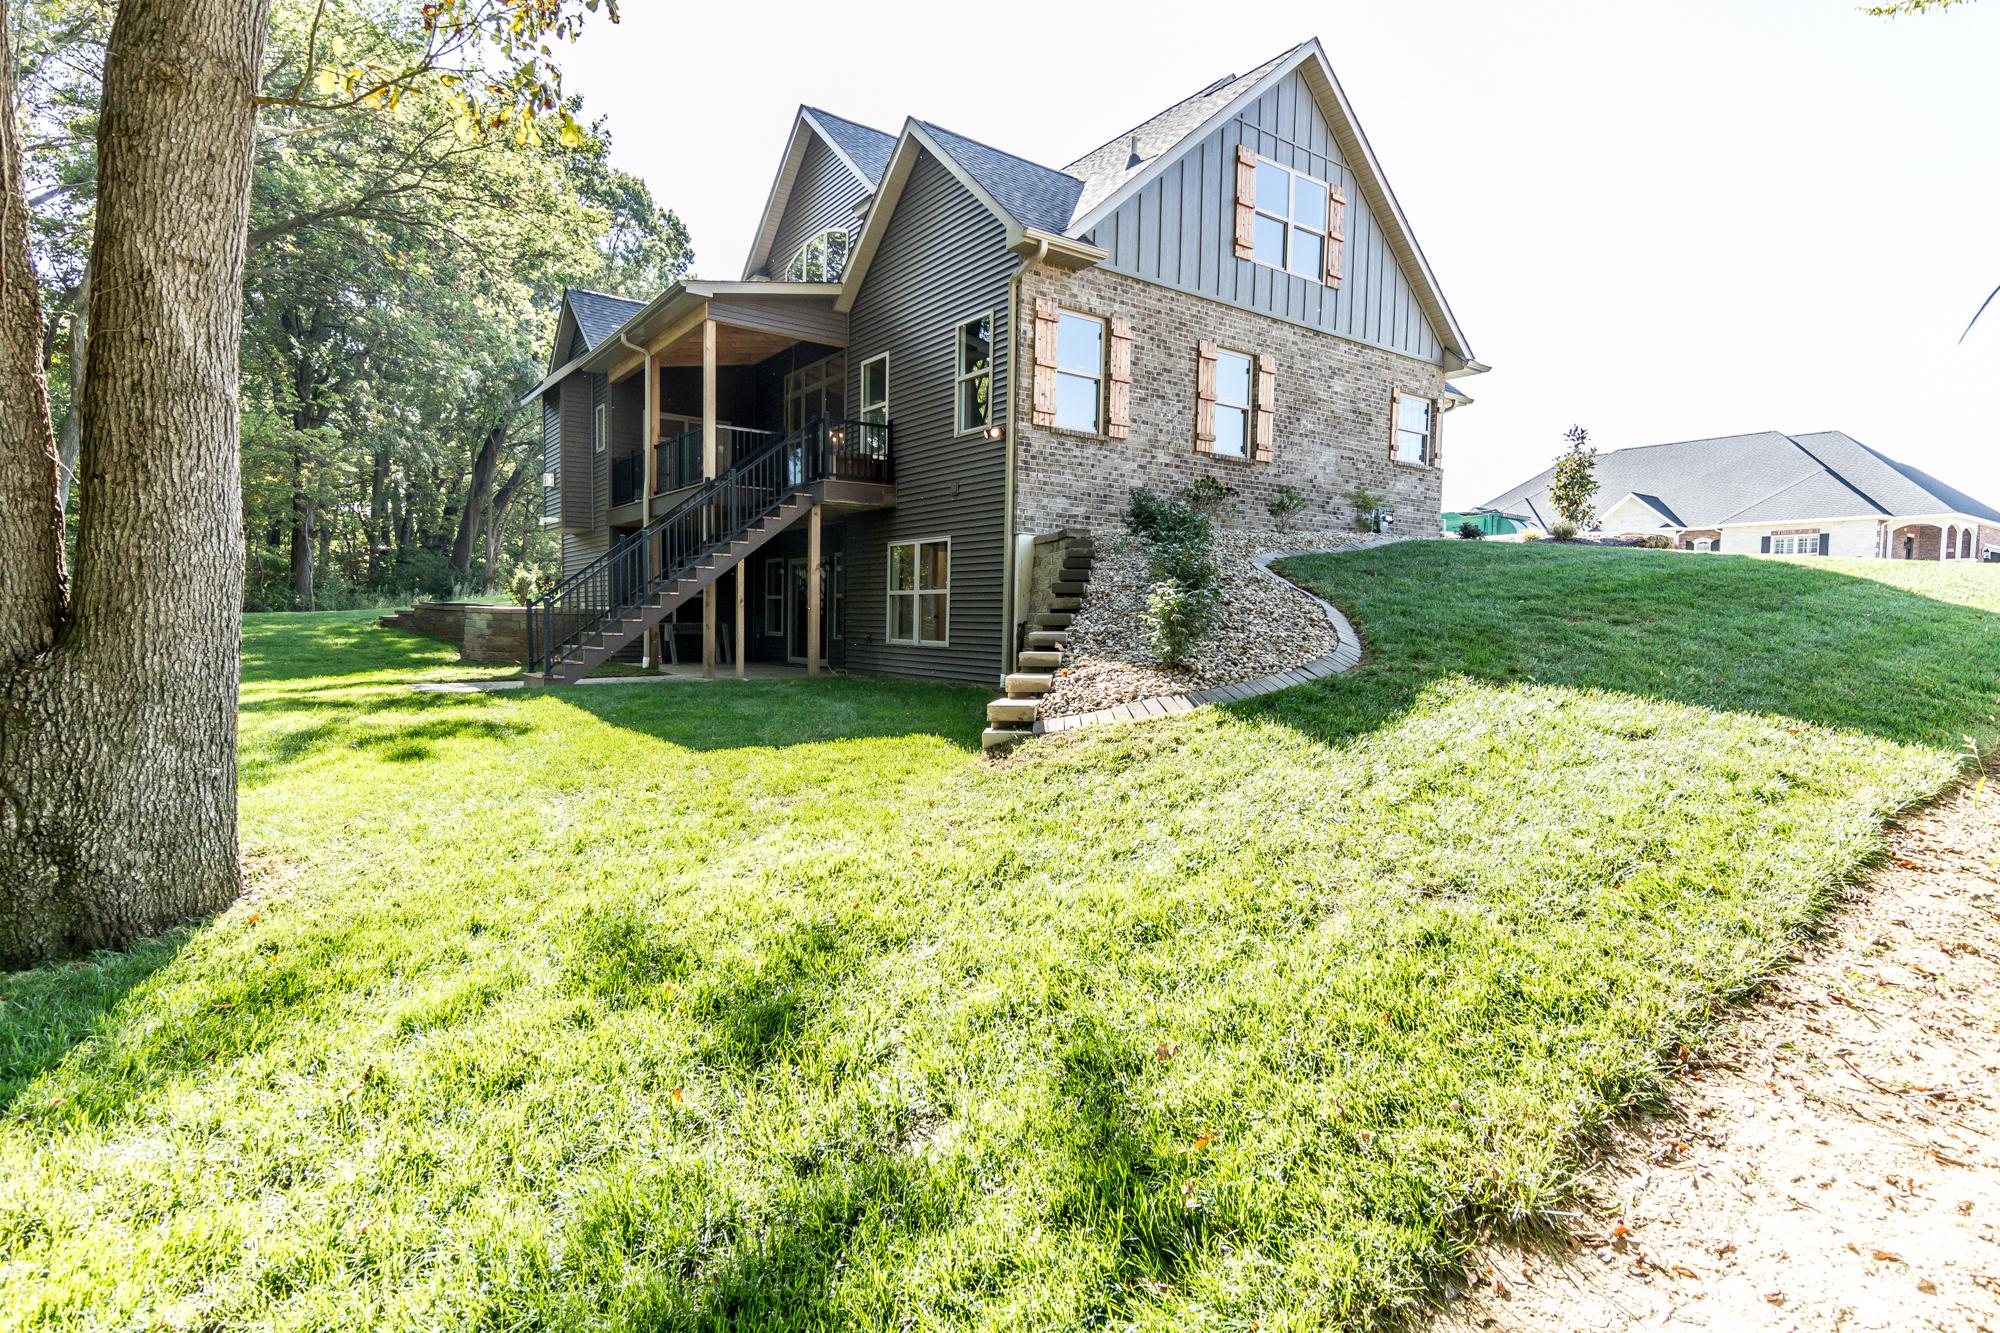 4-Scott-AFB-Real-Estate-For-Sale-O'Fallon-Illinois-62269-2.jpg